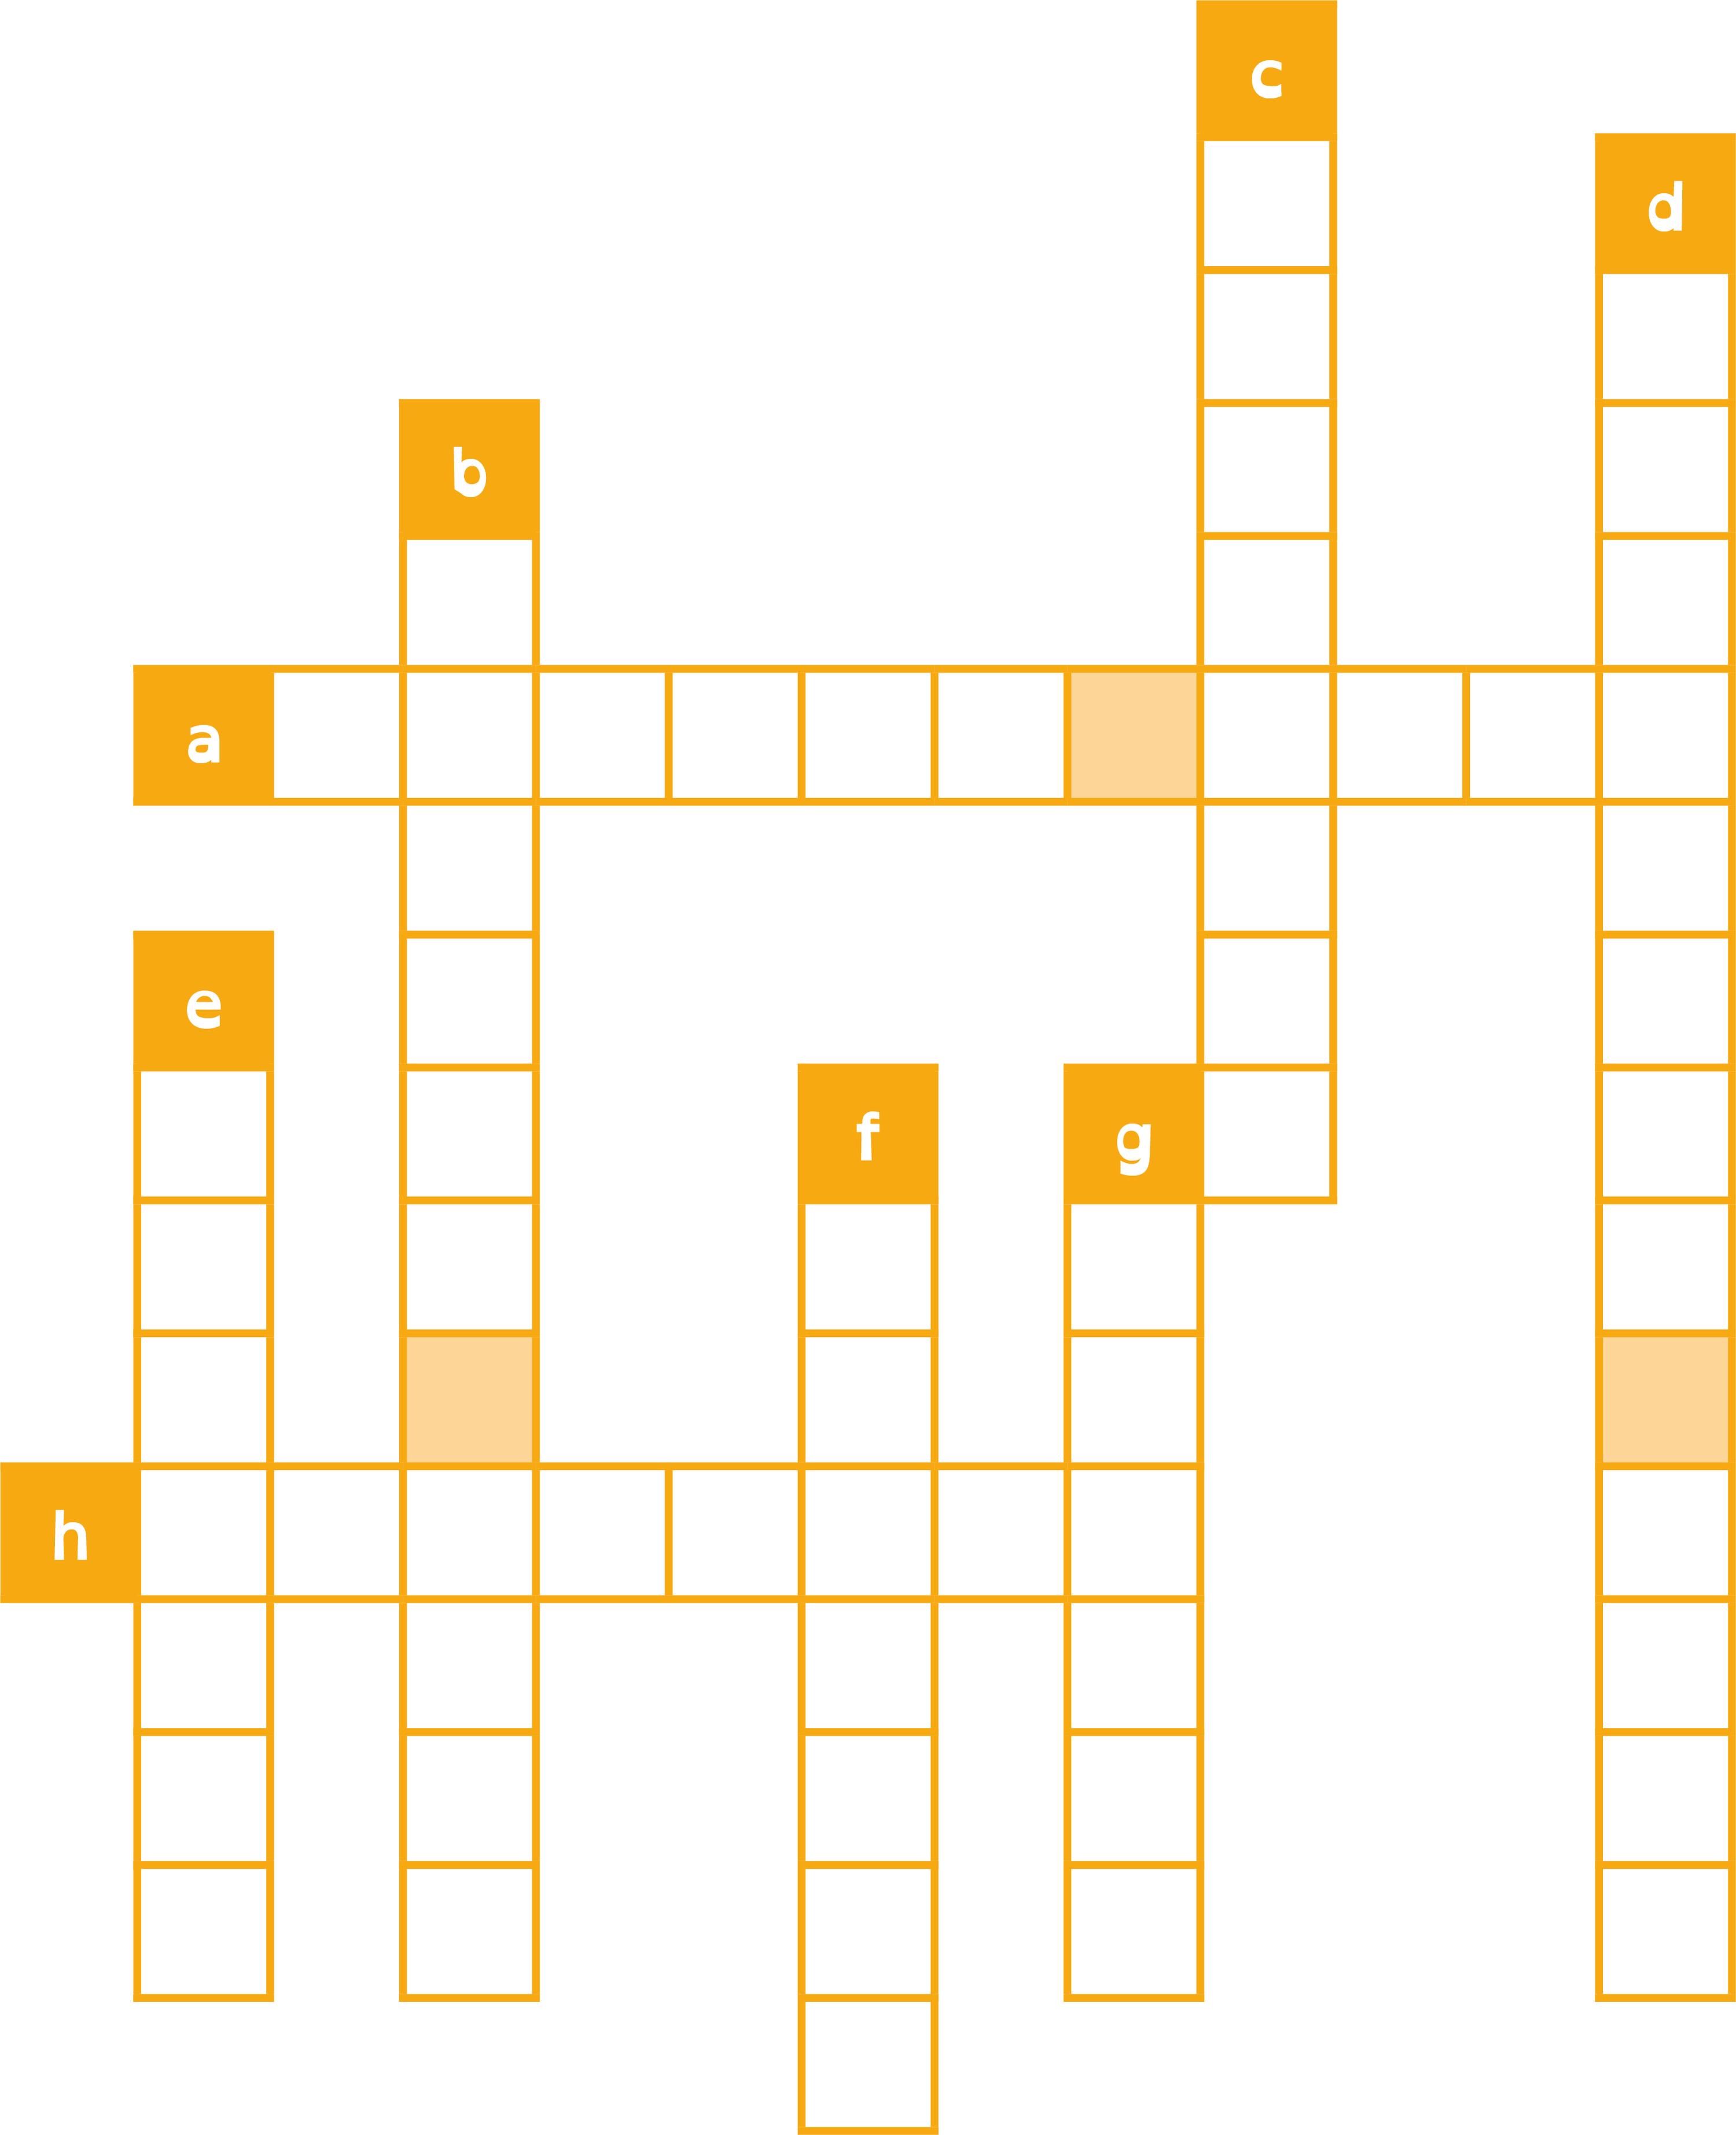 ang6-wb-chap05-crossword